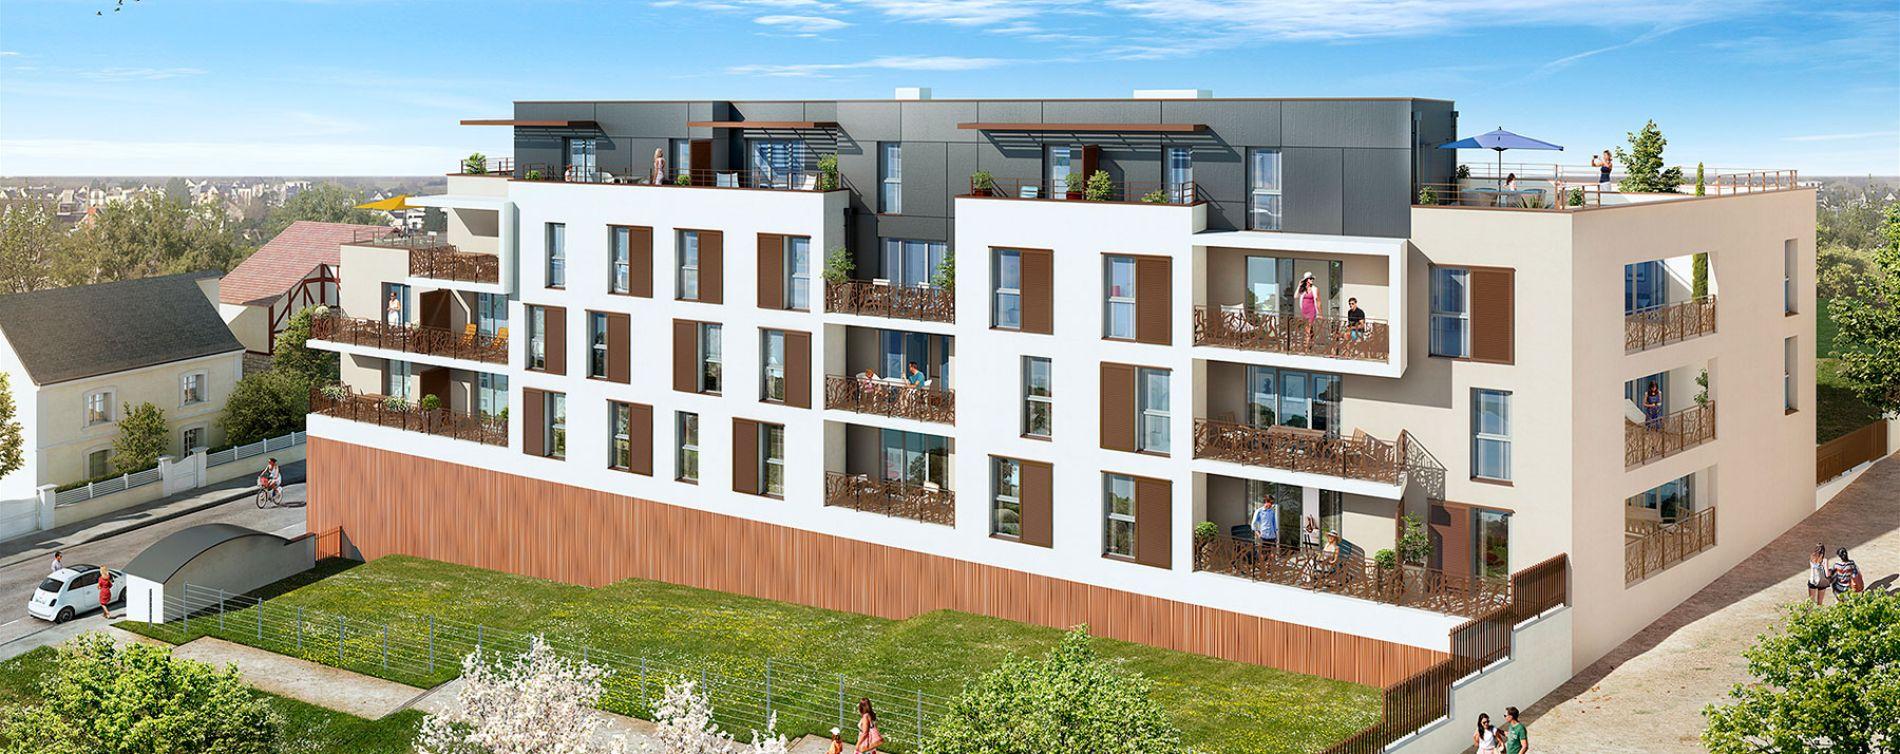 Résidence New Urban à Joué-lès-Tours